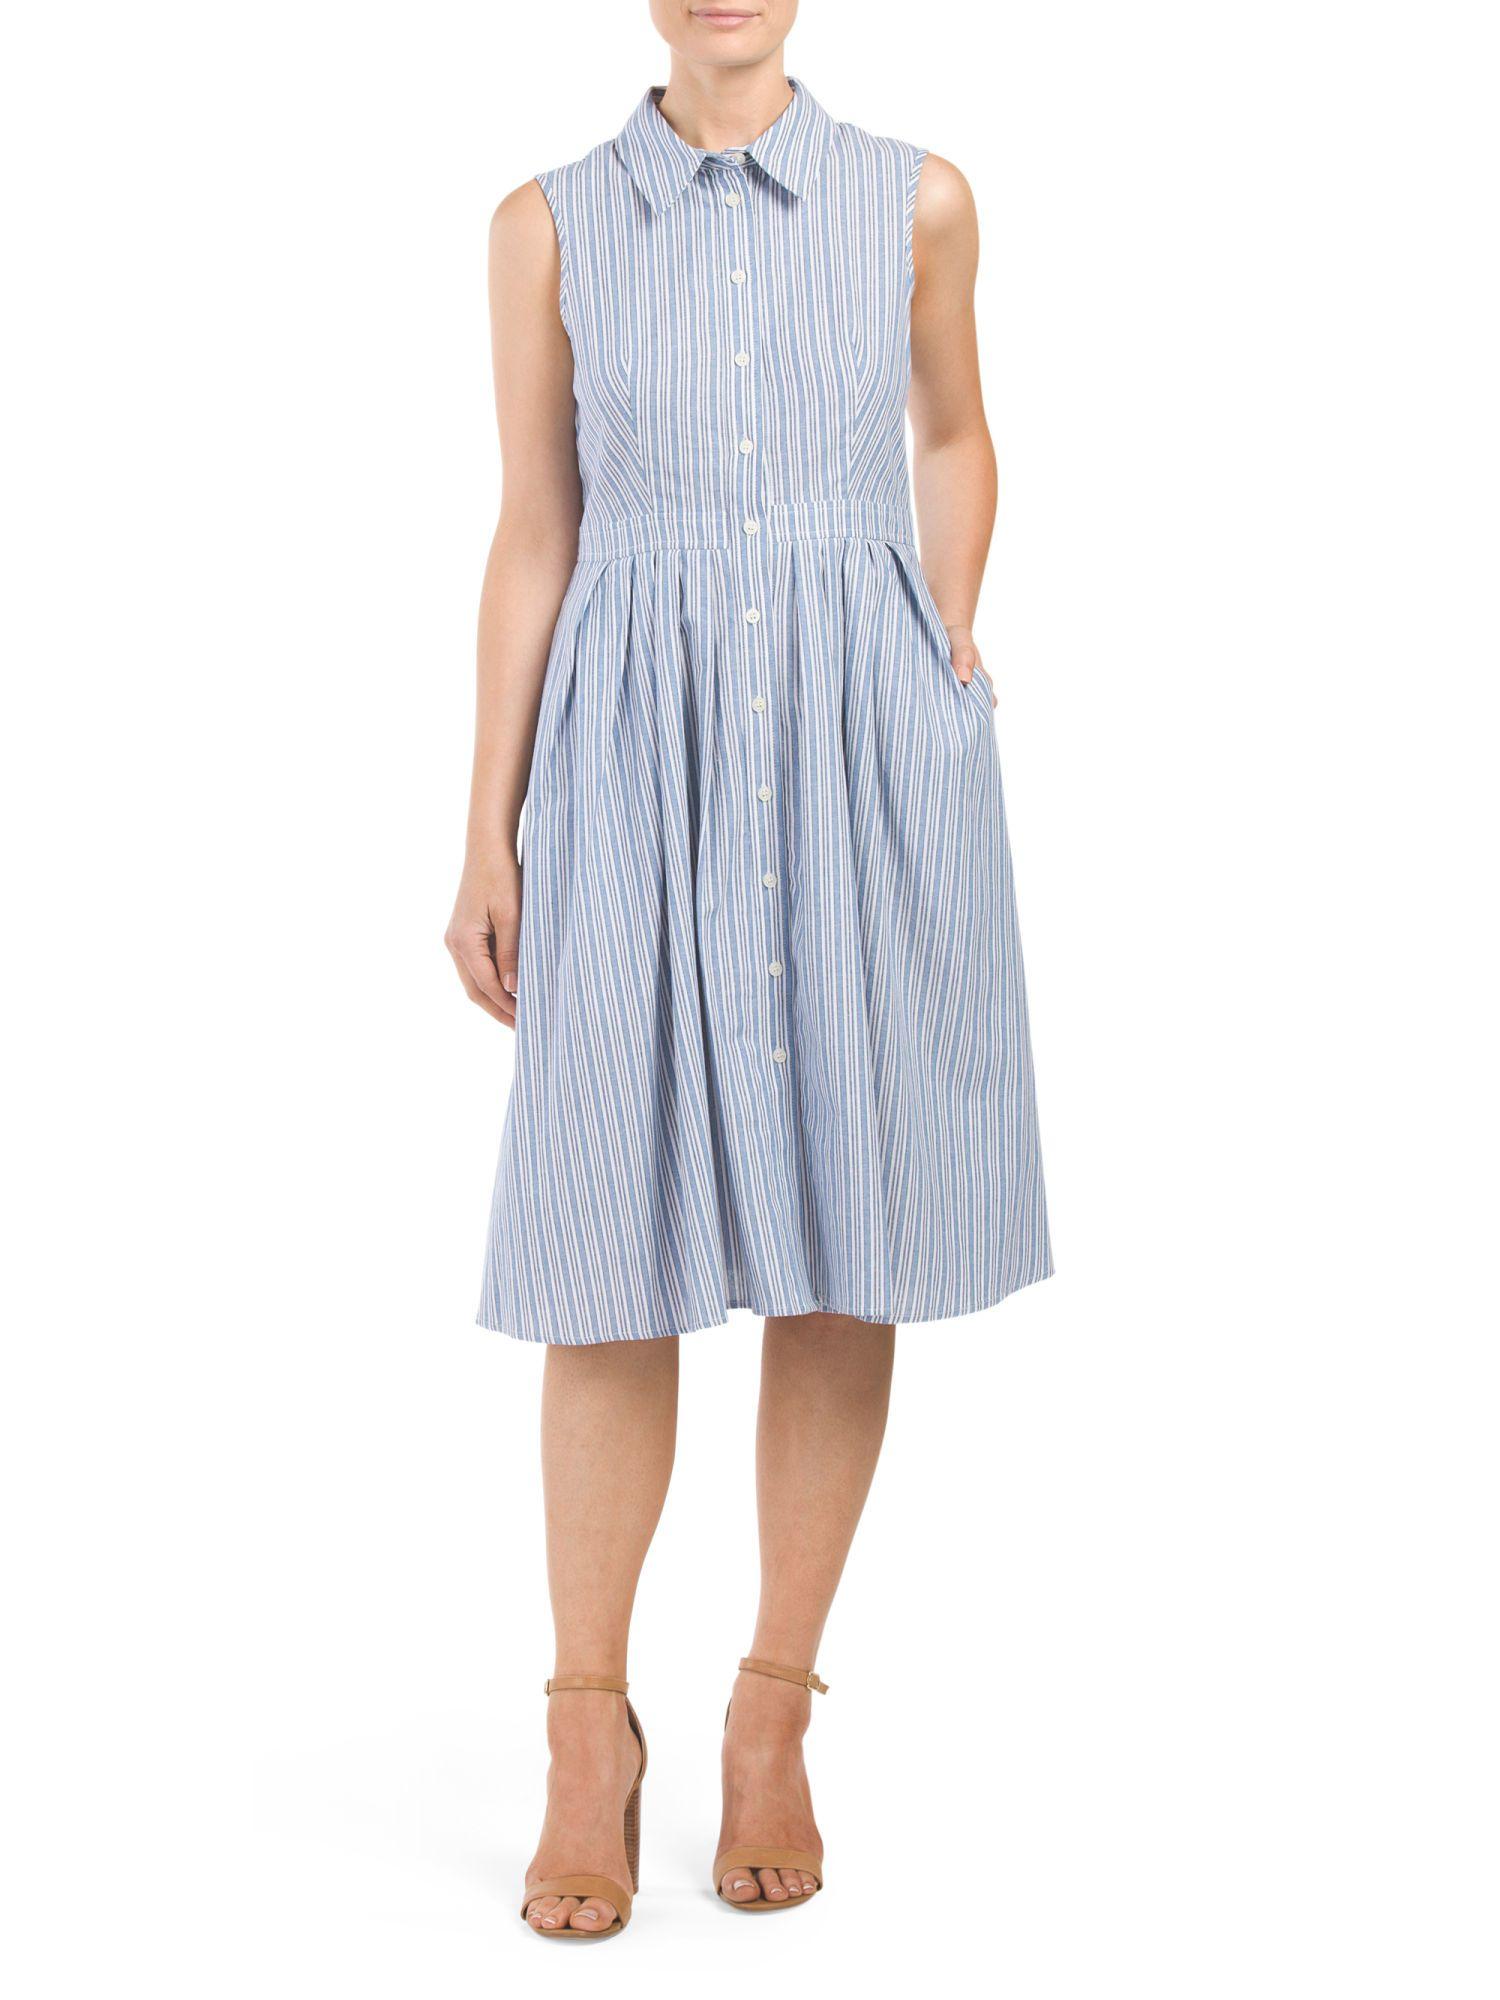 95b27101 Jones New York Oxford Stripe Midi Shirt Dress | TJ Maxx - $29 ...